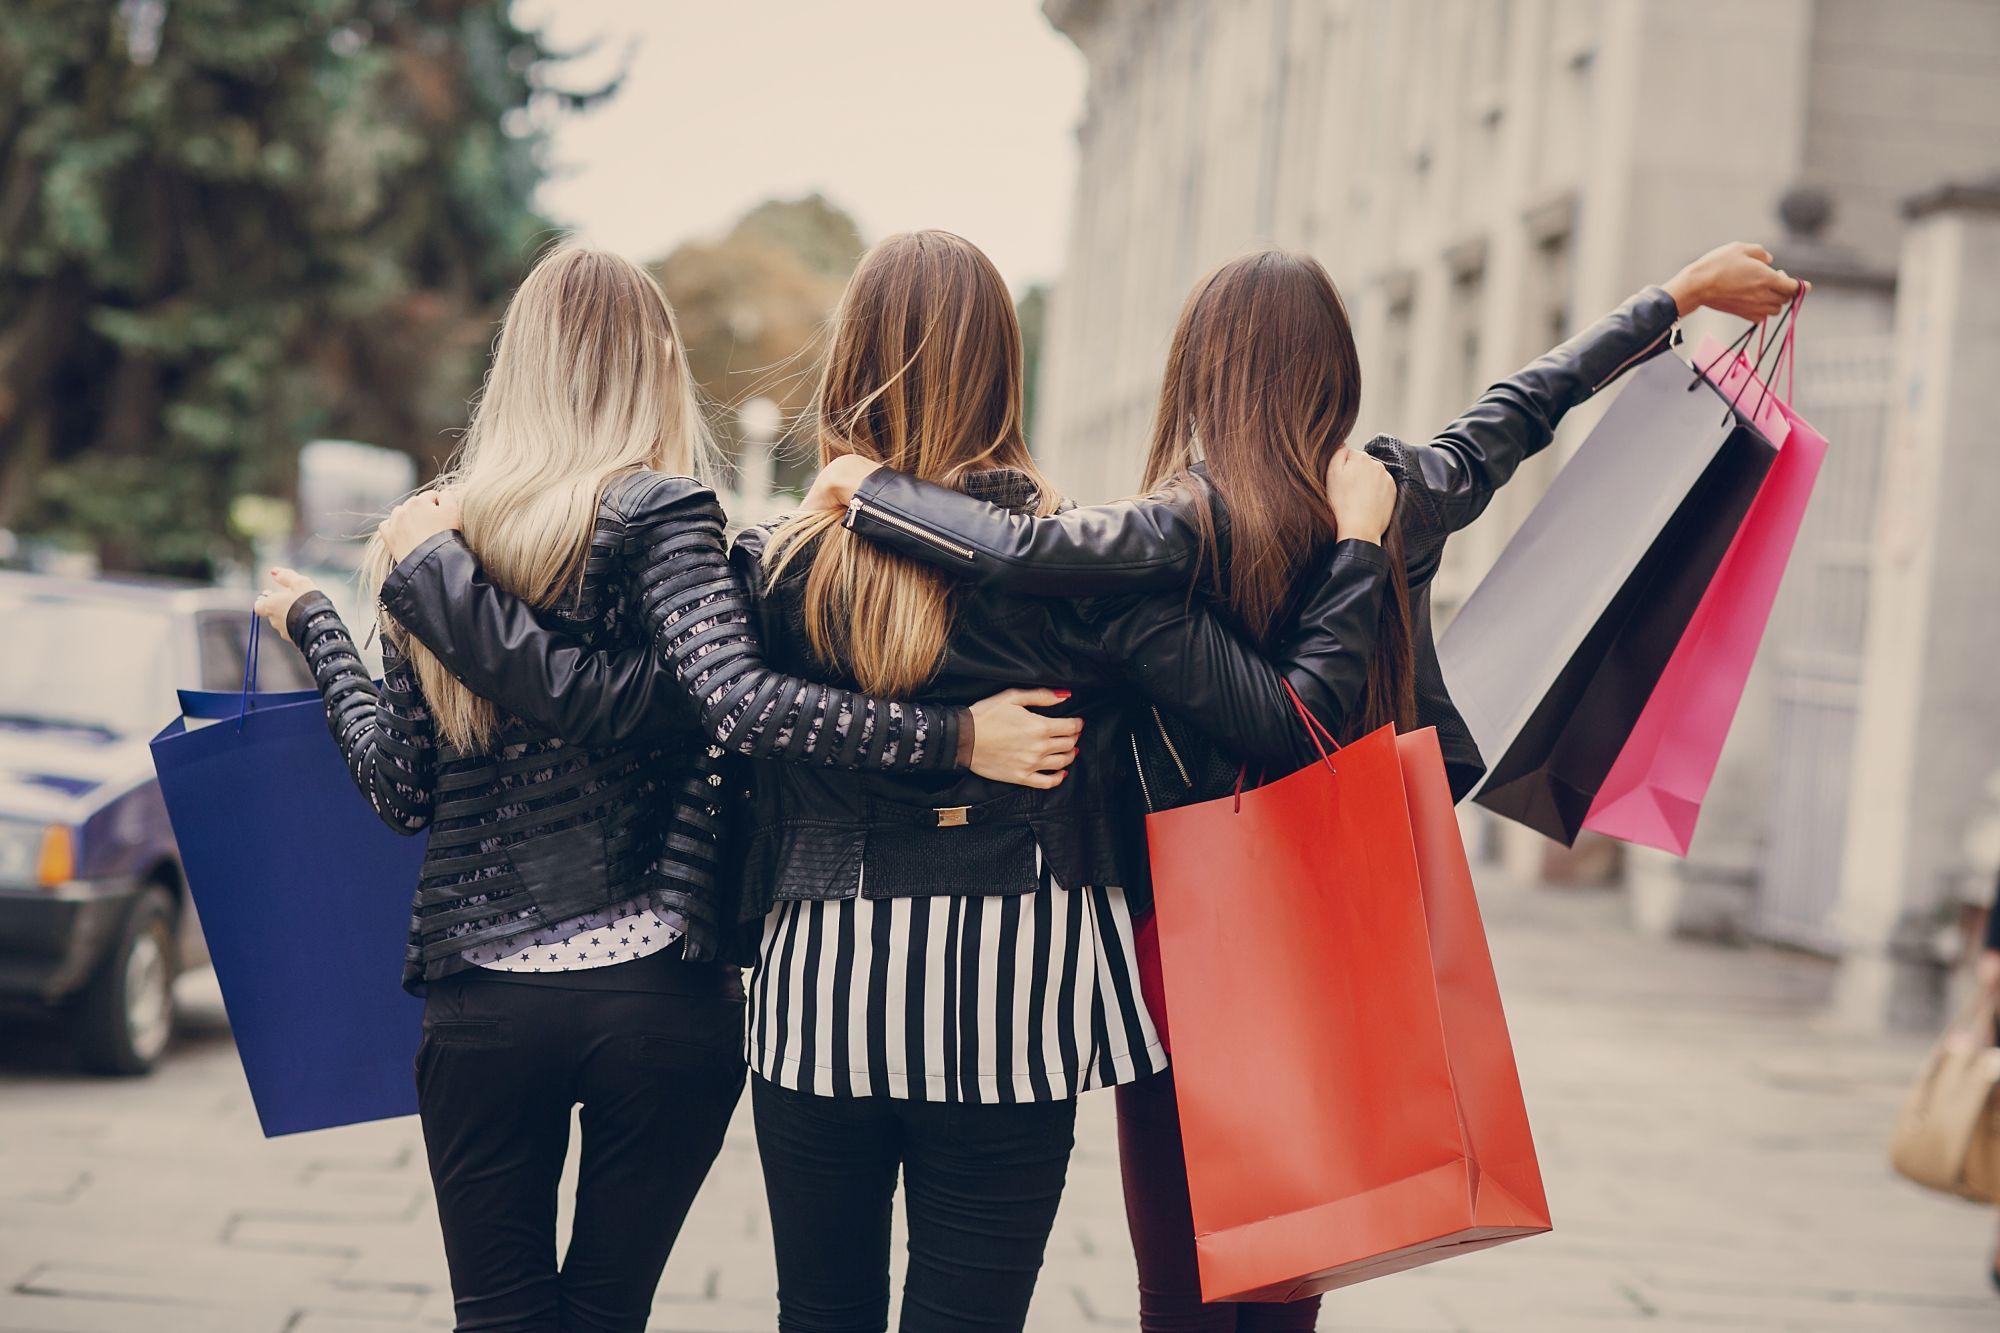 Kaufsucht: Macht Shopping süchtig?